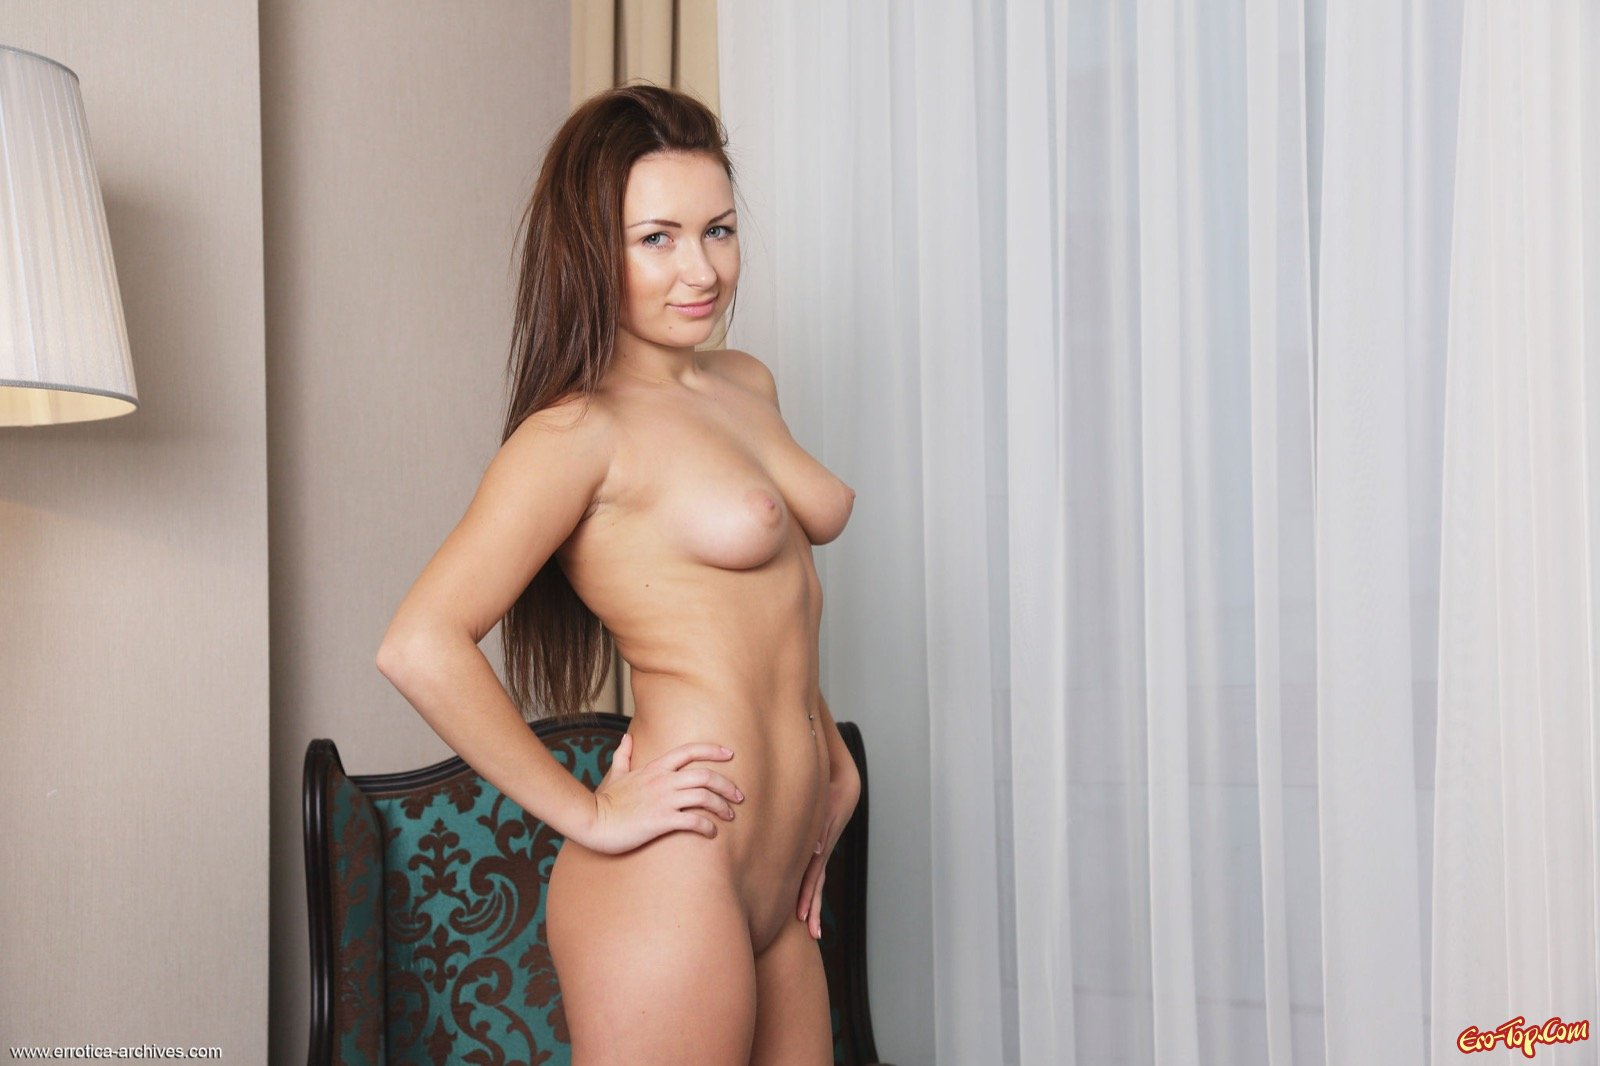 Голая молодая девица с сексуальной грудью и киской